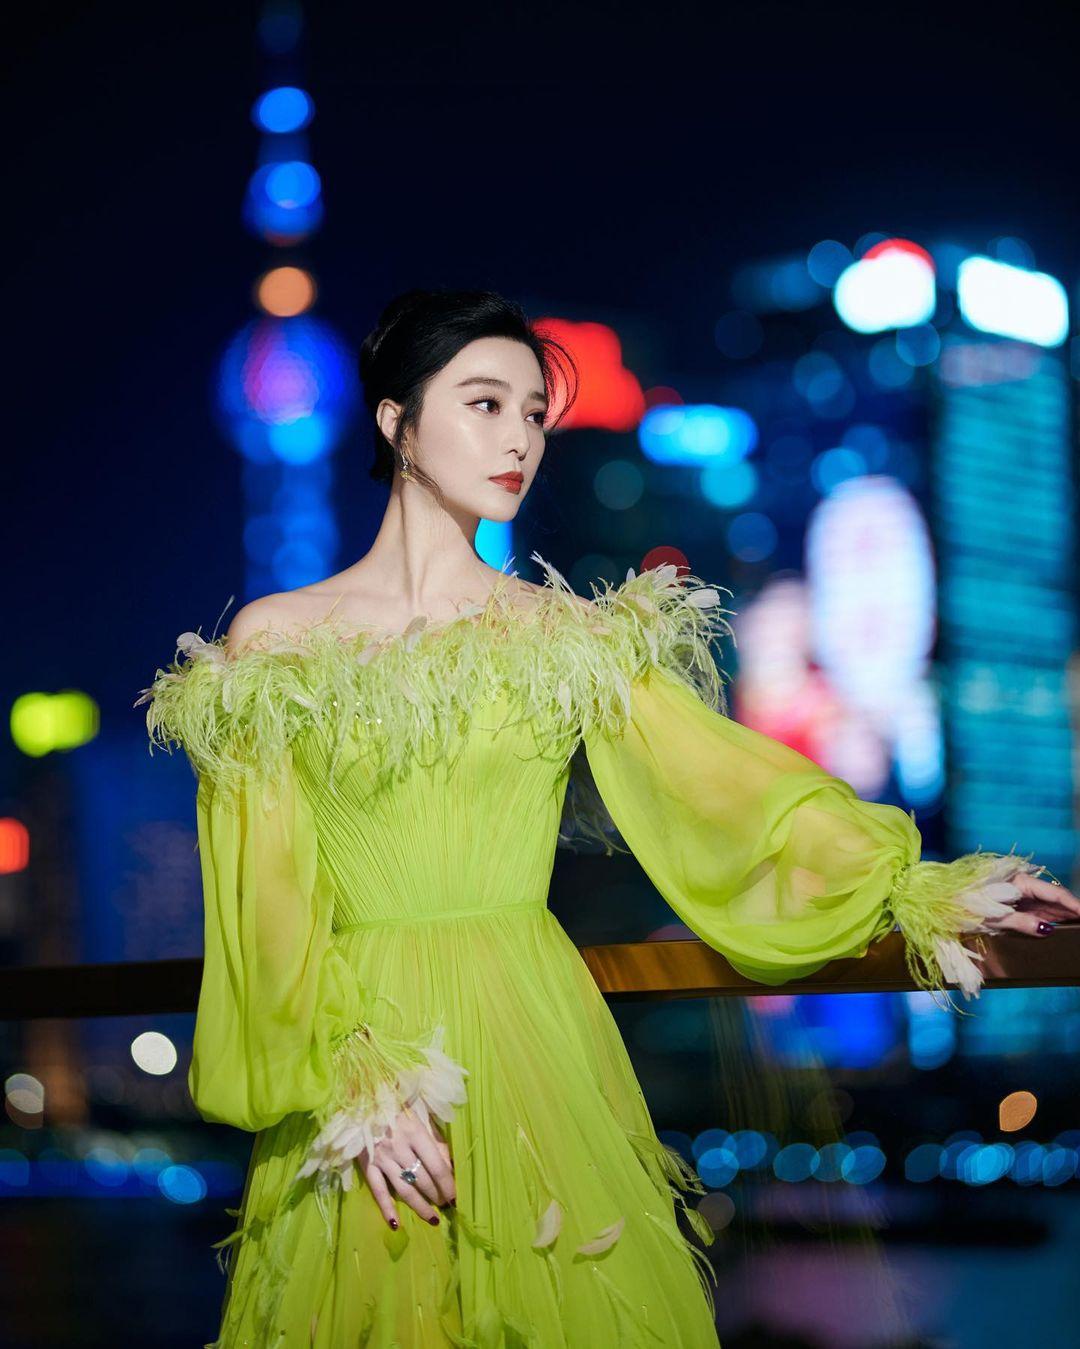 Nữ thần Kim Ưng Tống Thiến cùng chọn thương hiệu váy giống Phạm Băng Băng: Người xinh như tiên tử, người mặc lên nhìn như hàng chợ 2